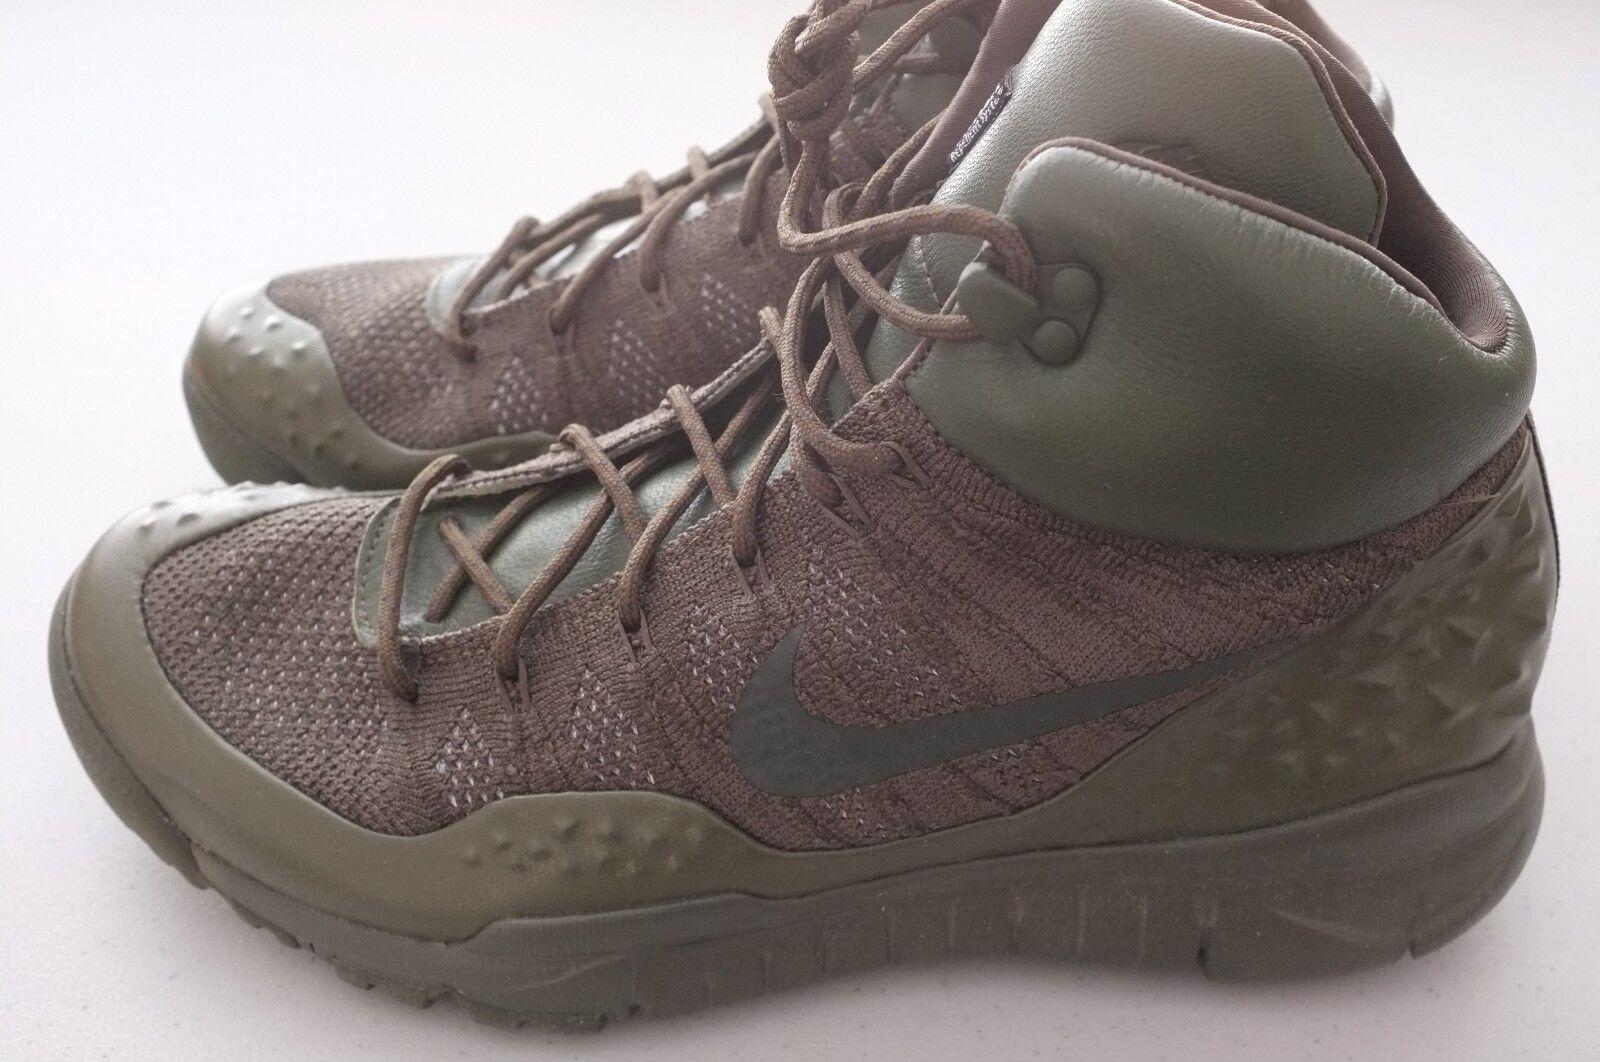 NEW Nike Mens Lupinek Flyknit Sneaker Boots Khaki Olive Sz 10.5 (862505-300)